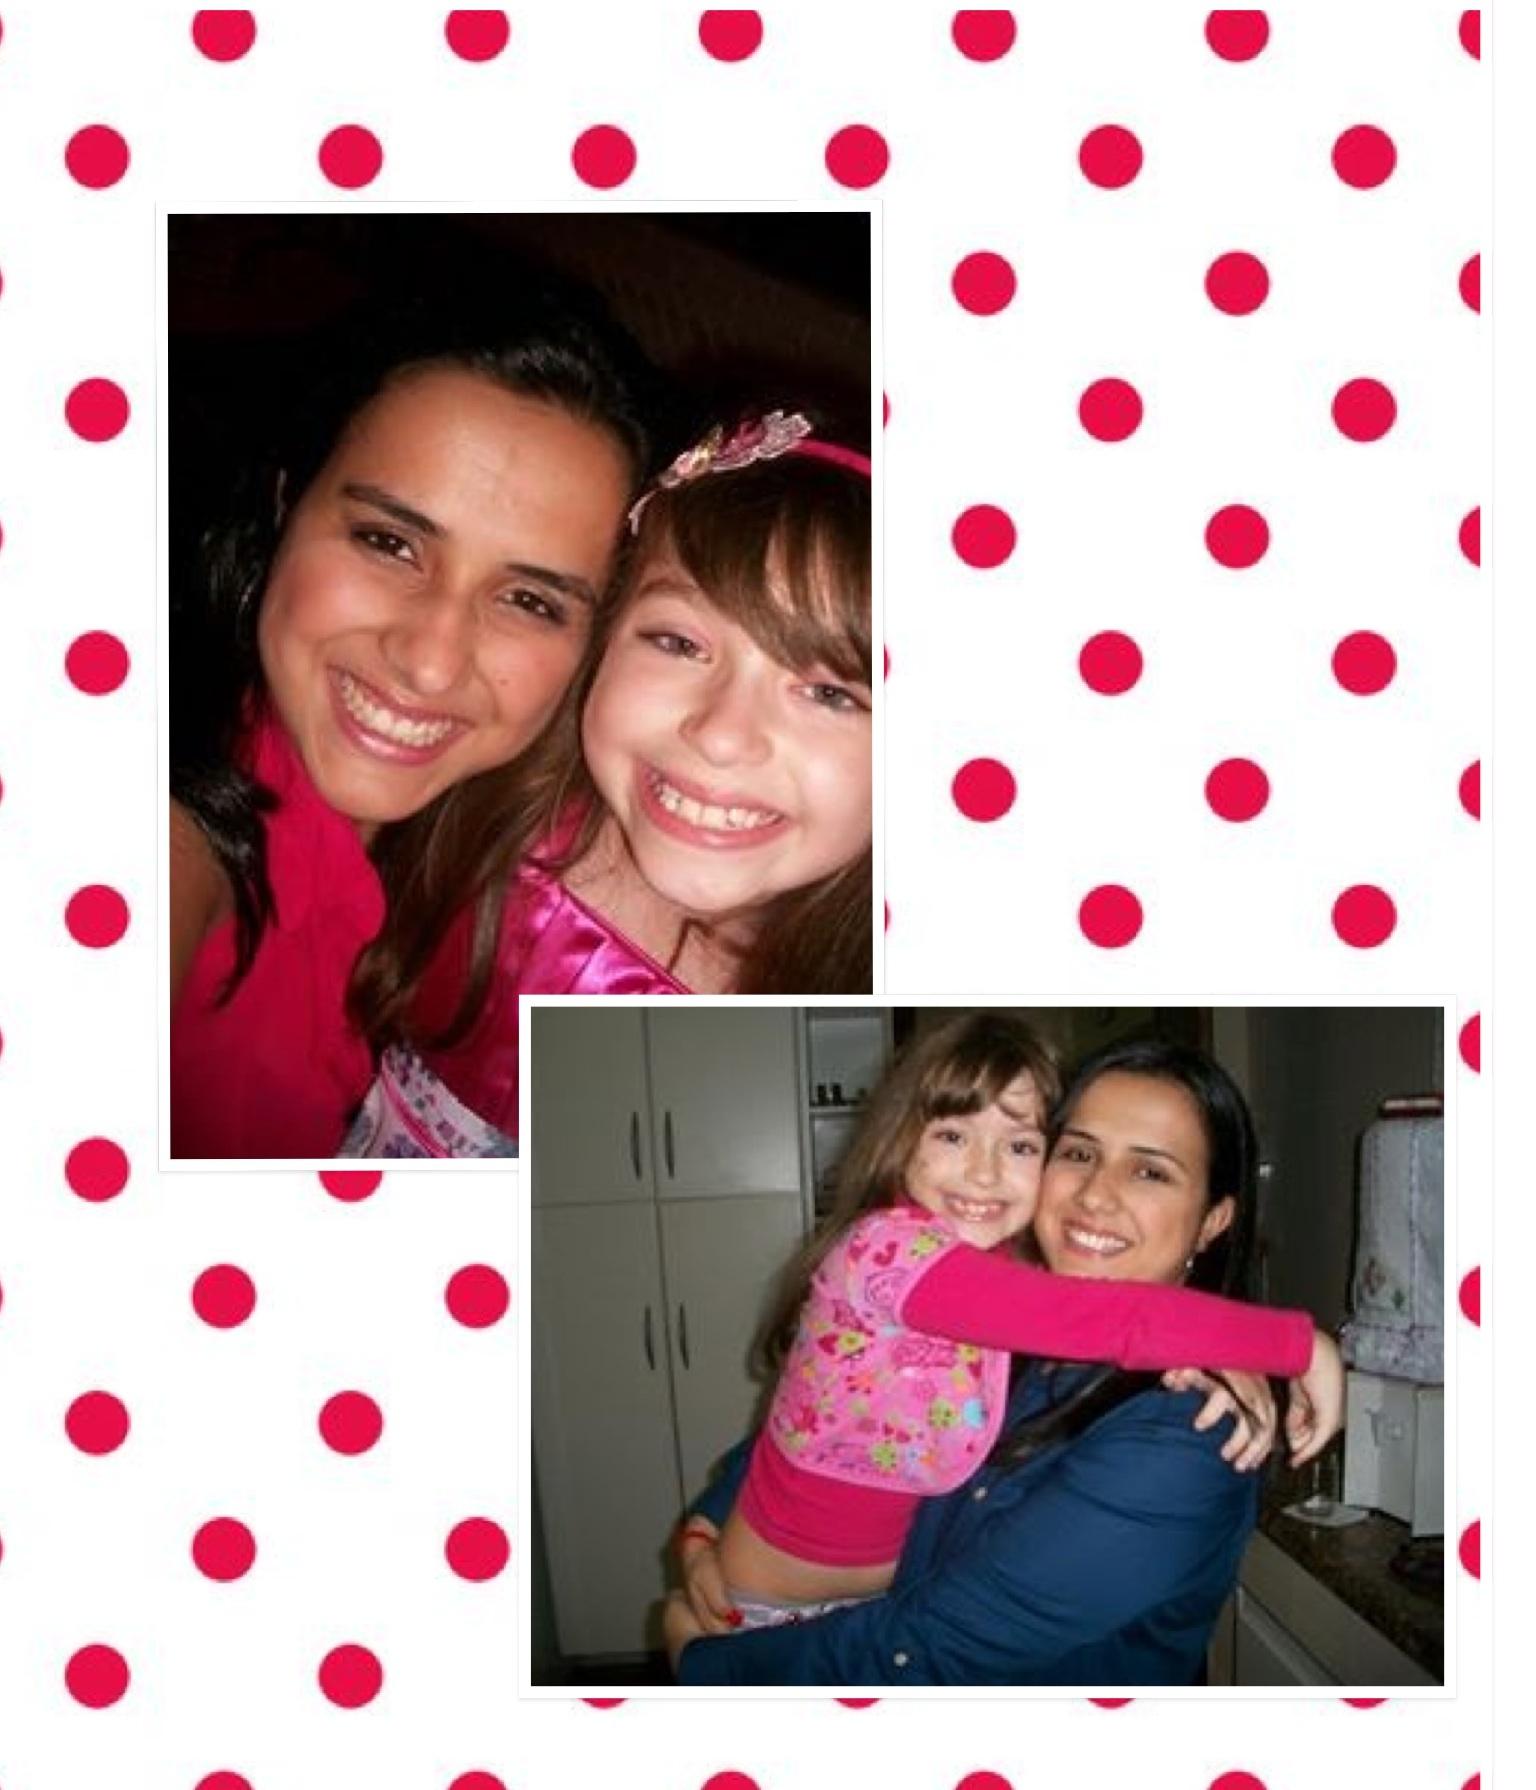 Hoje a minha princesa completa mais um ano de alegria! Amo você linda da Tia!!!!! #nara #9anos